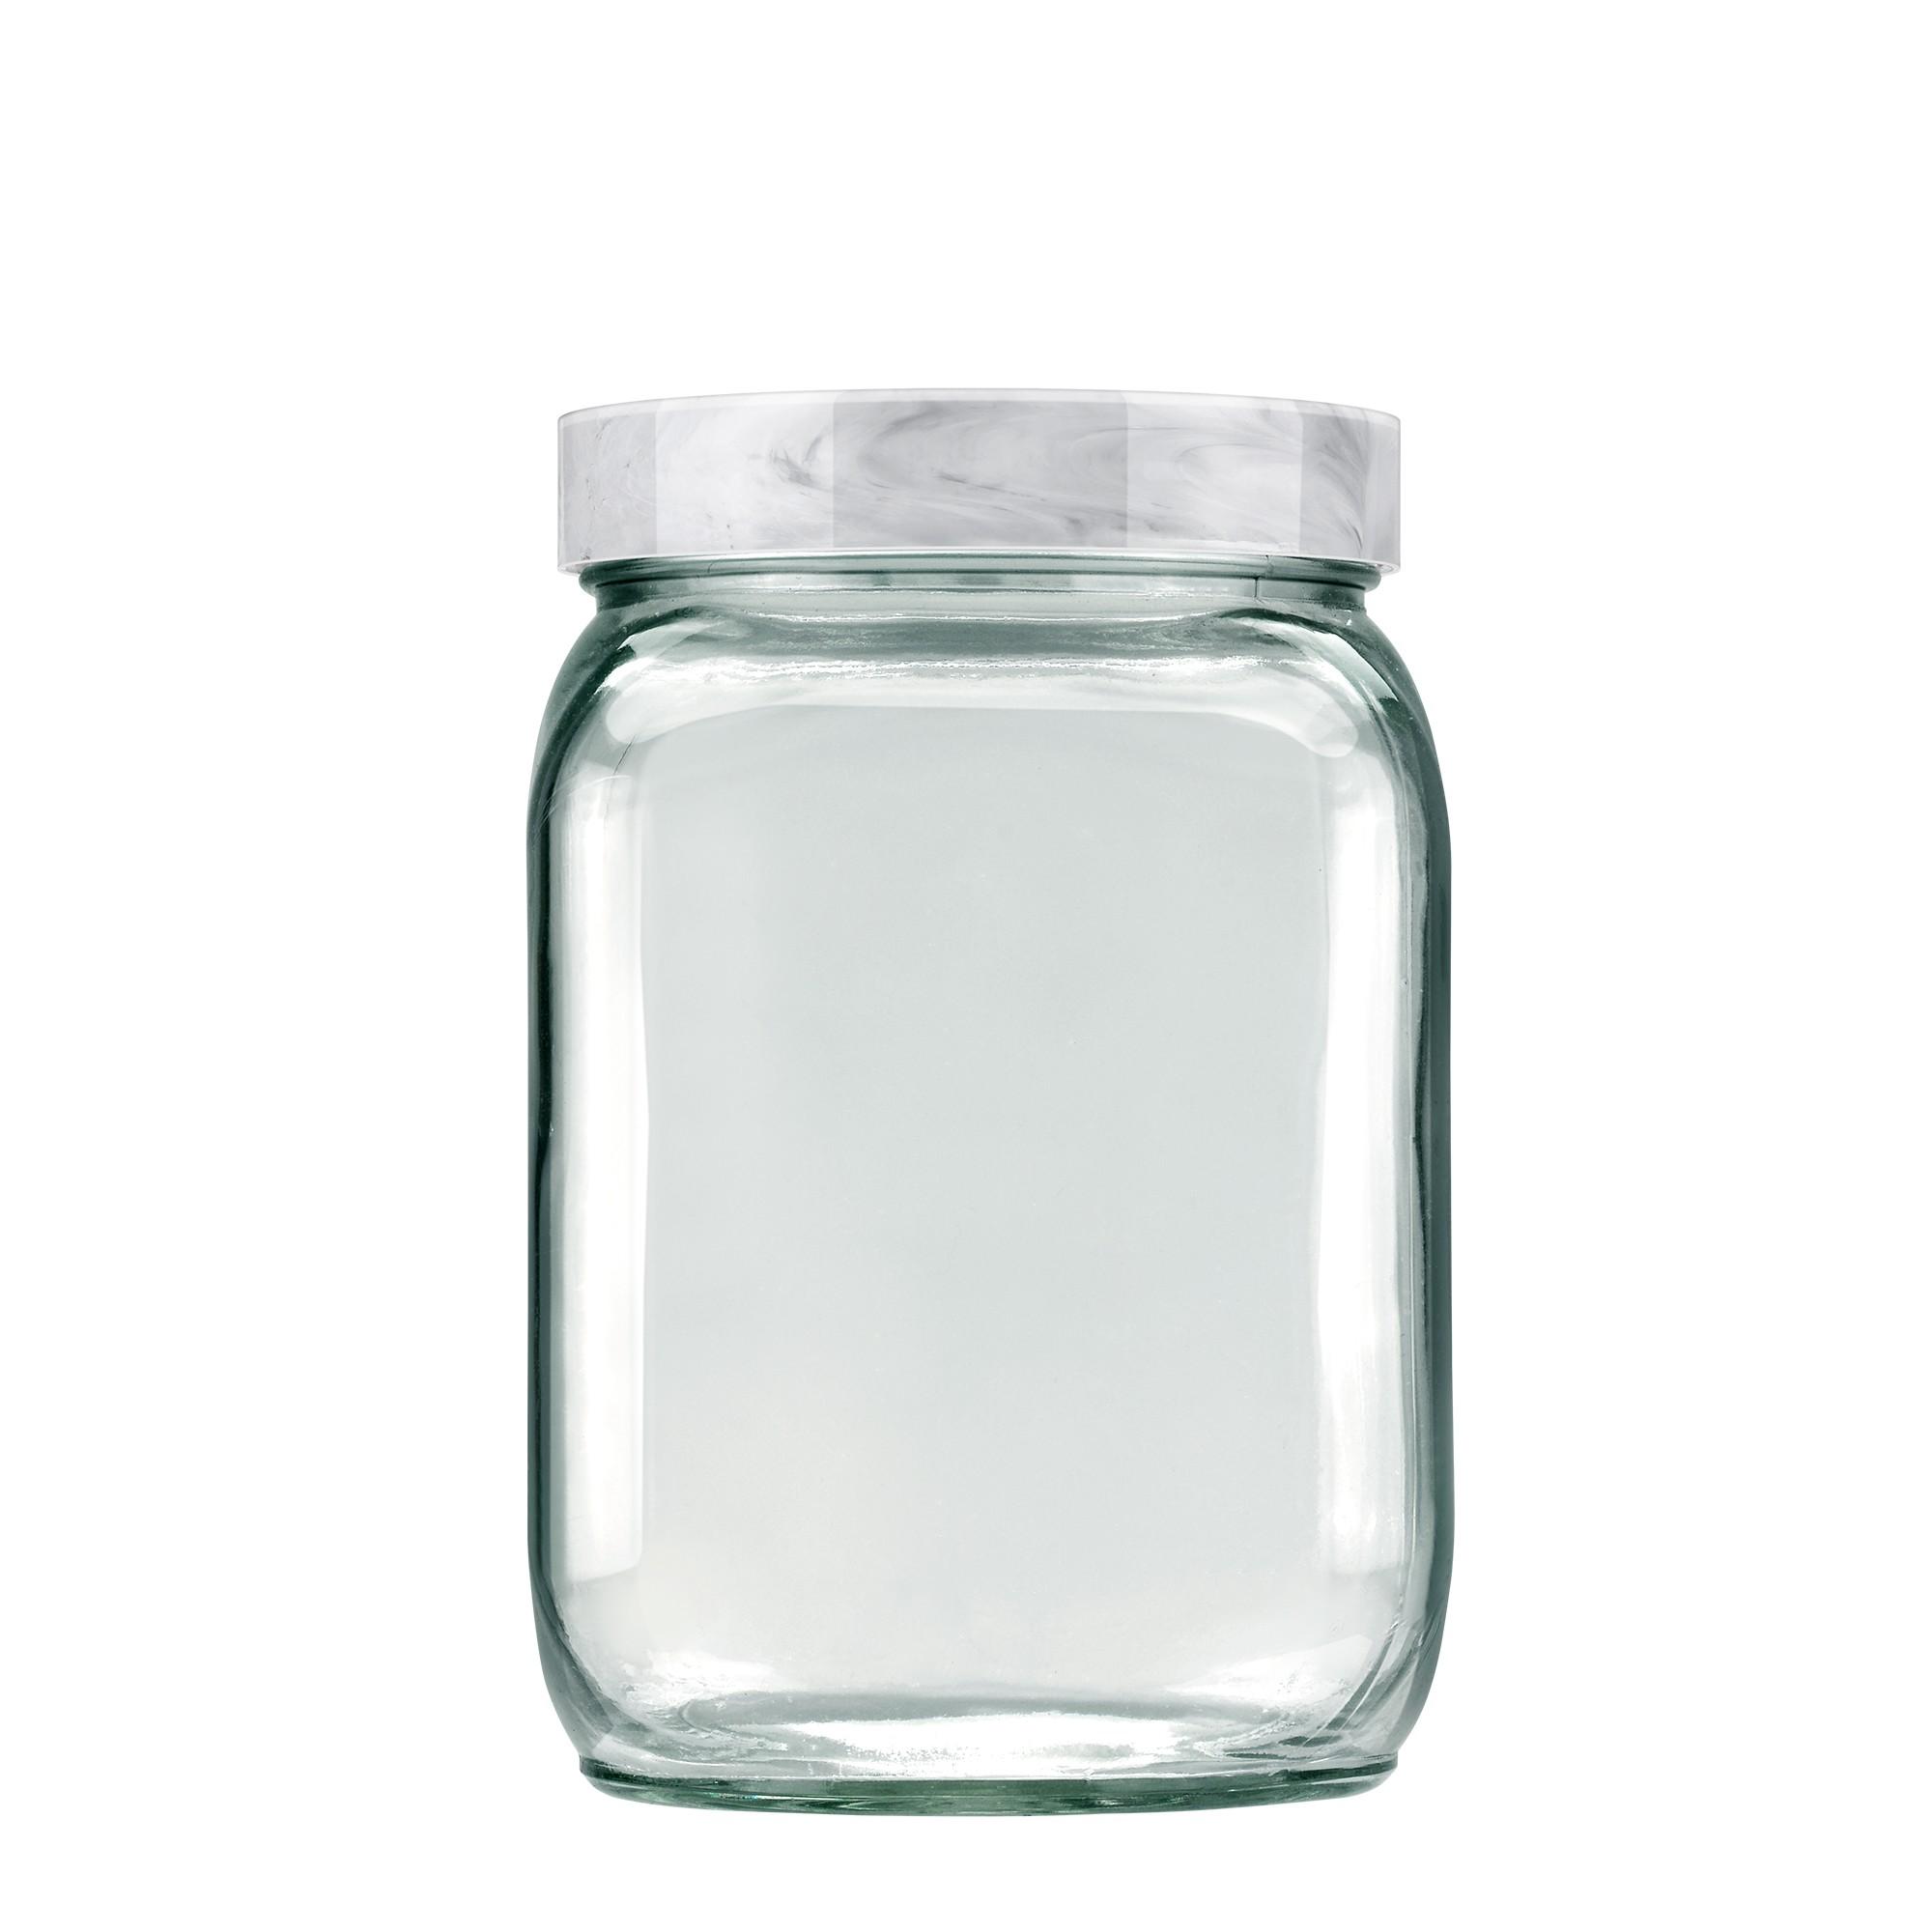 Pote de Vidro Quadrado 13L Branco Carrara -Invicta